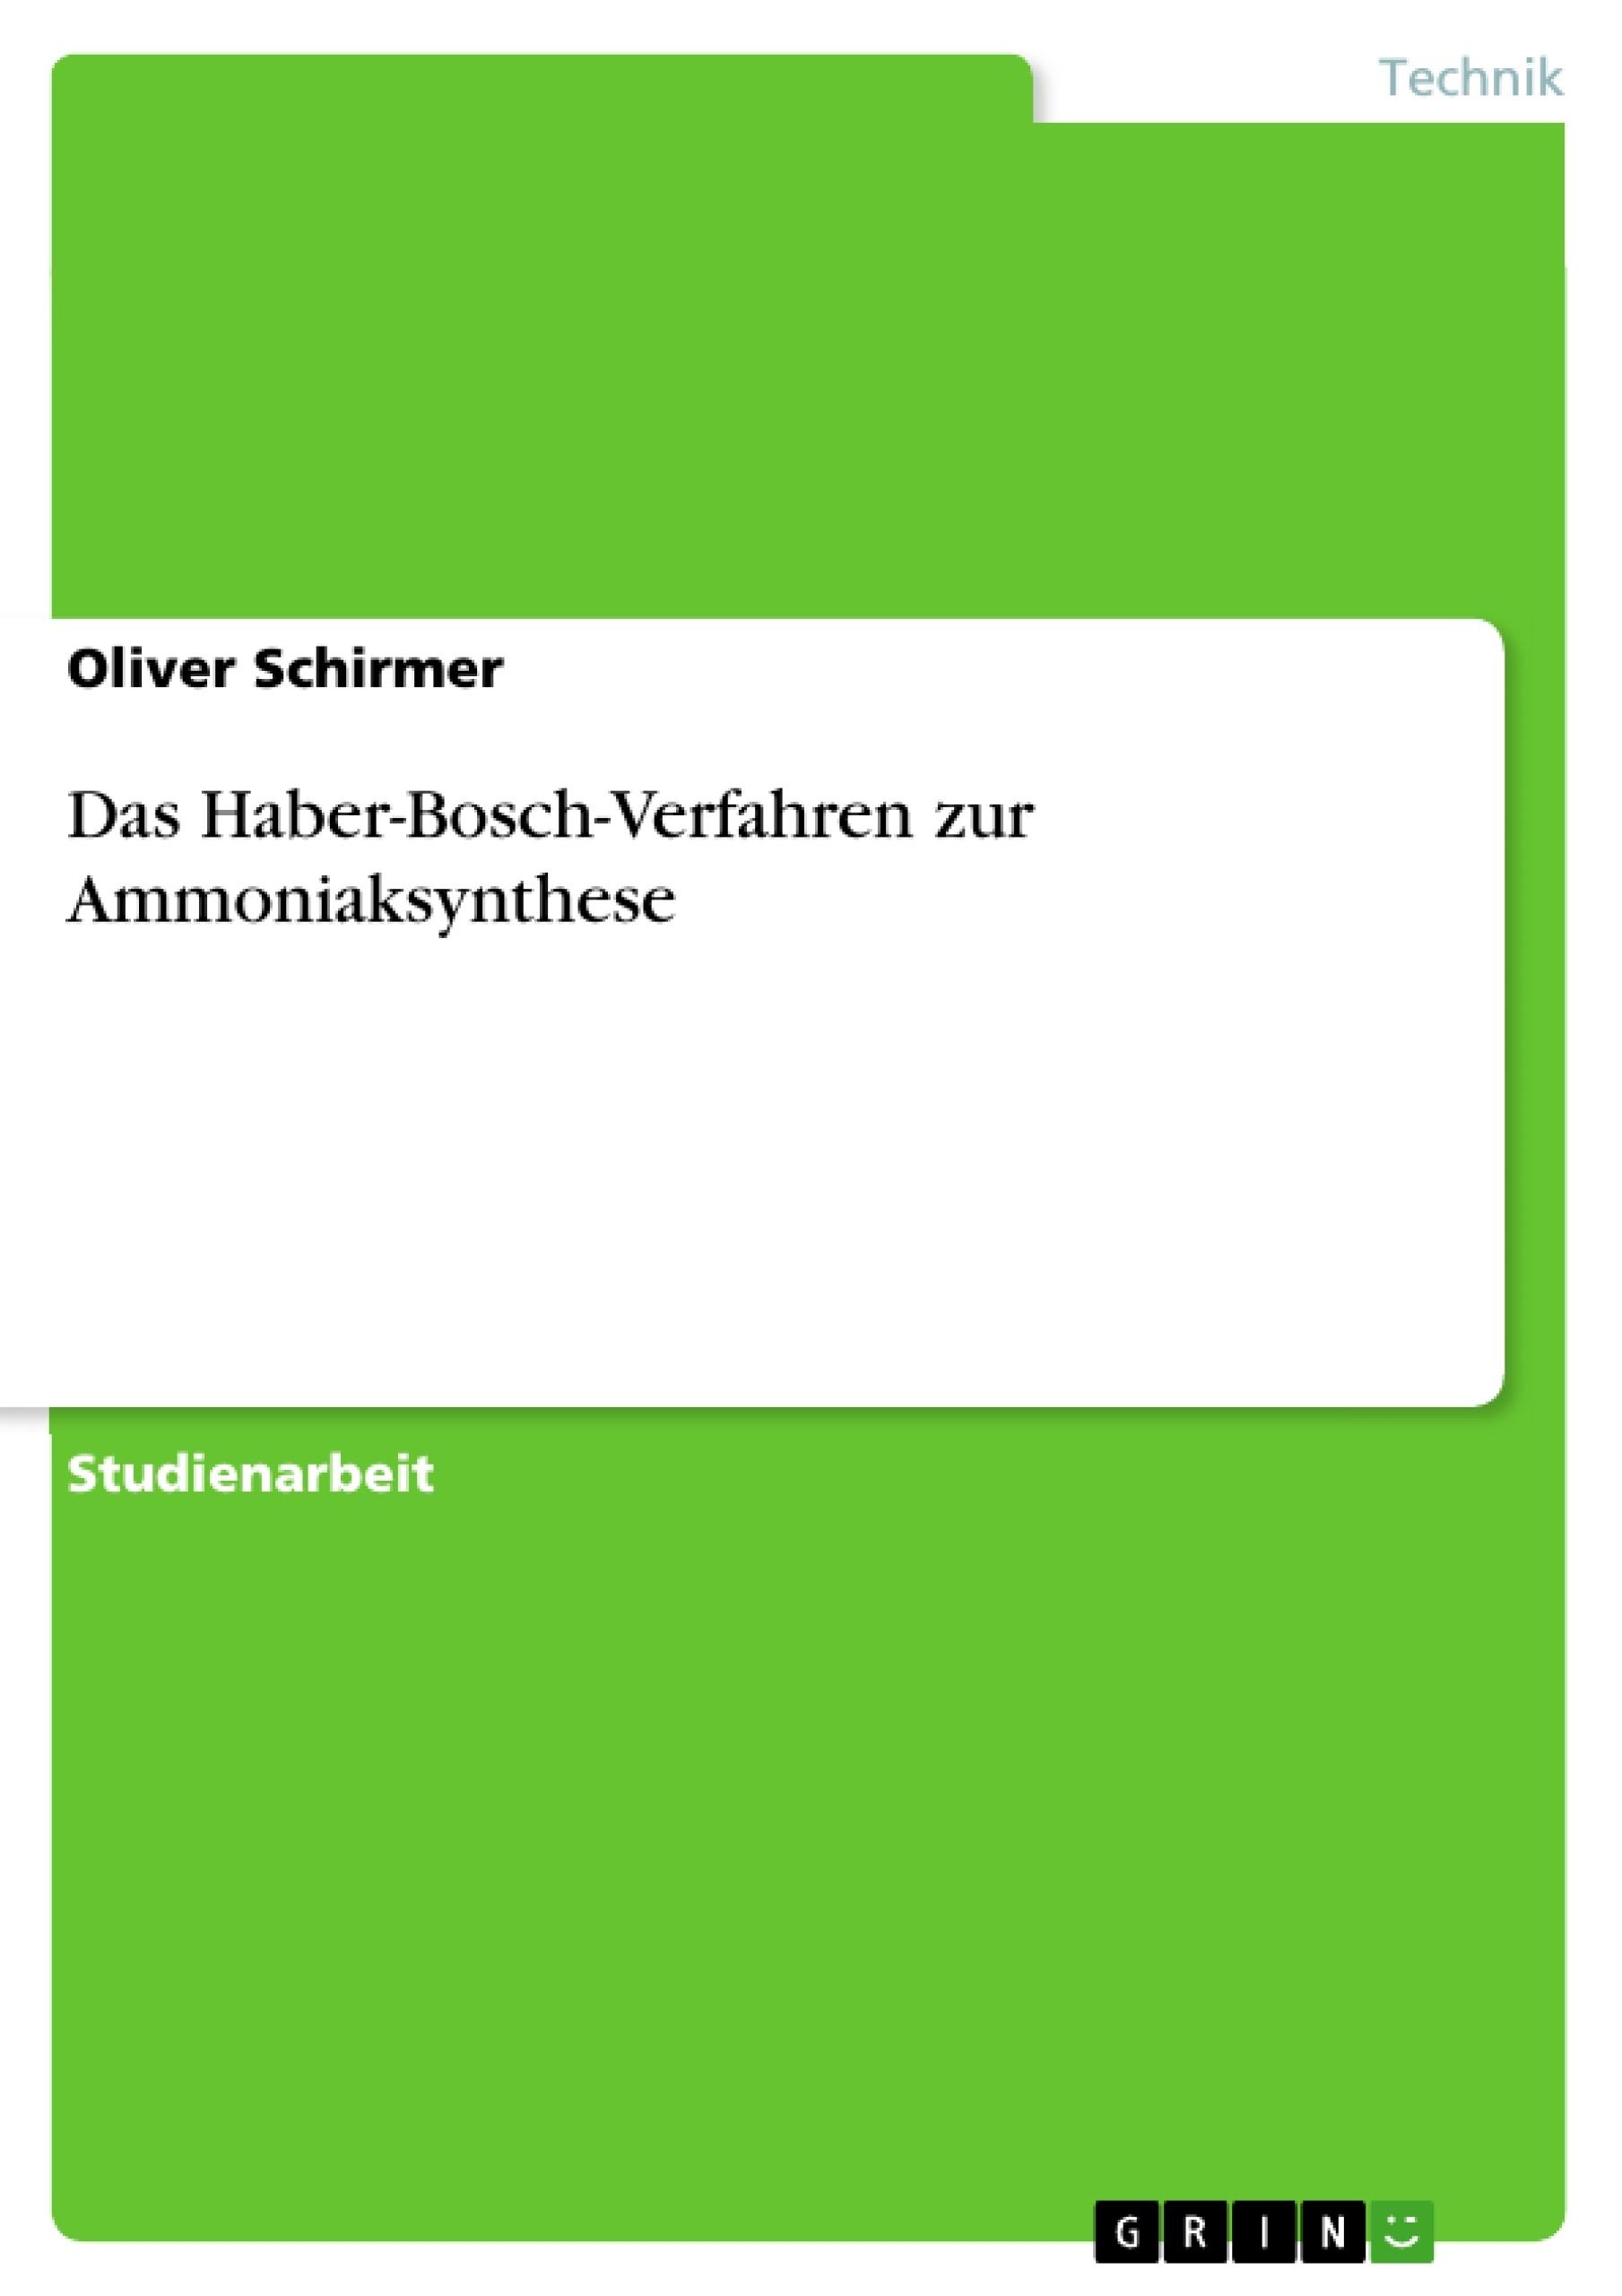 Titel: Das Haber-Bosch-Verfahren zur Ammoniaksynthese